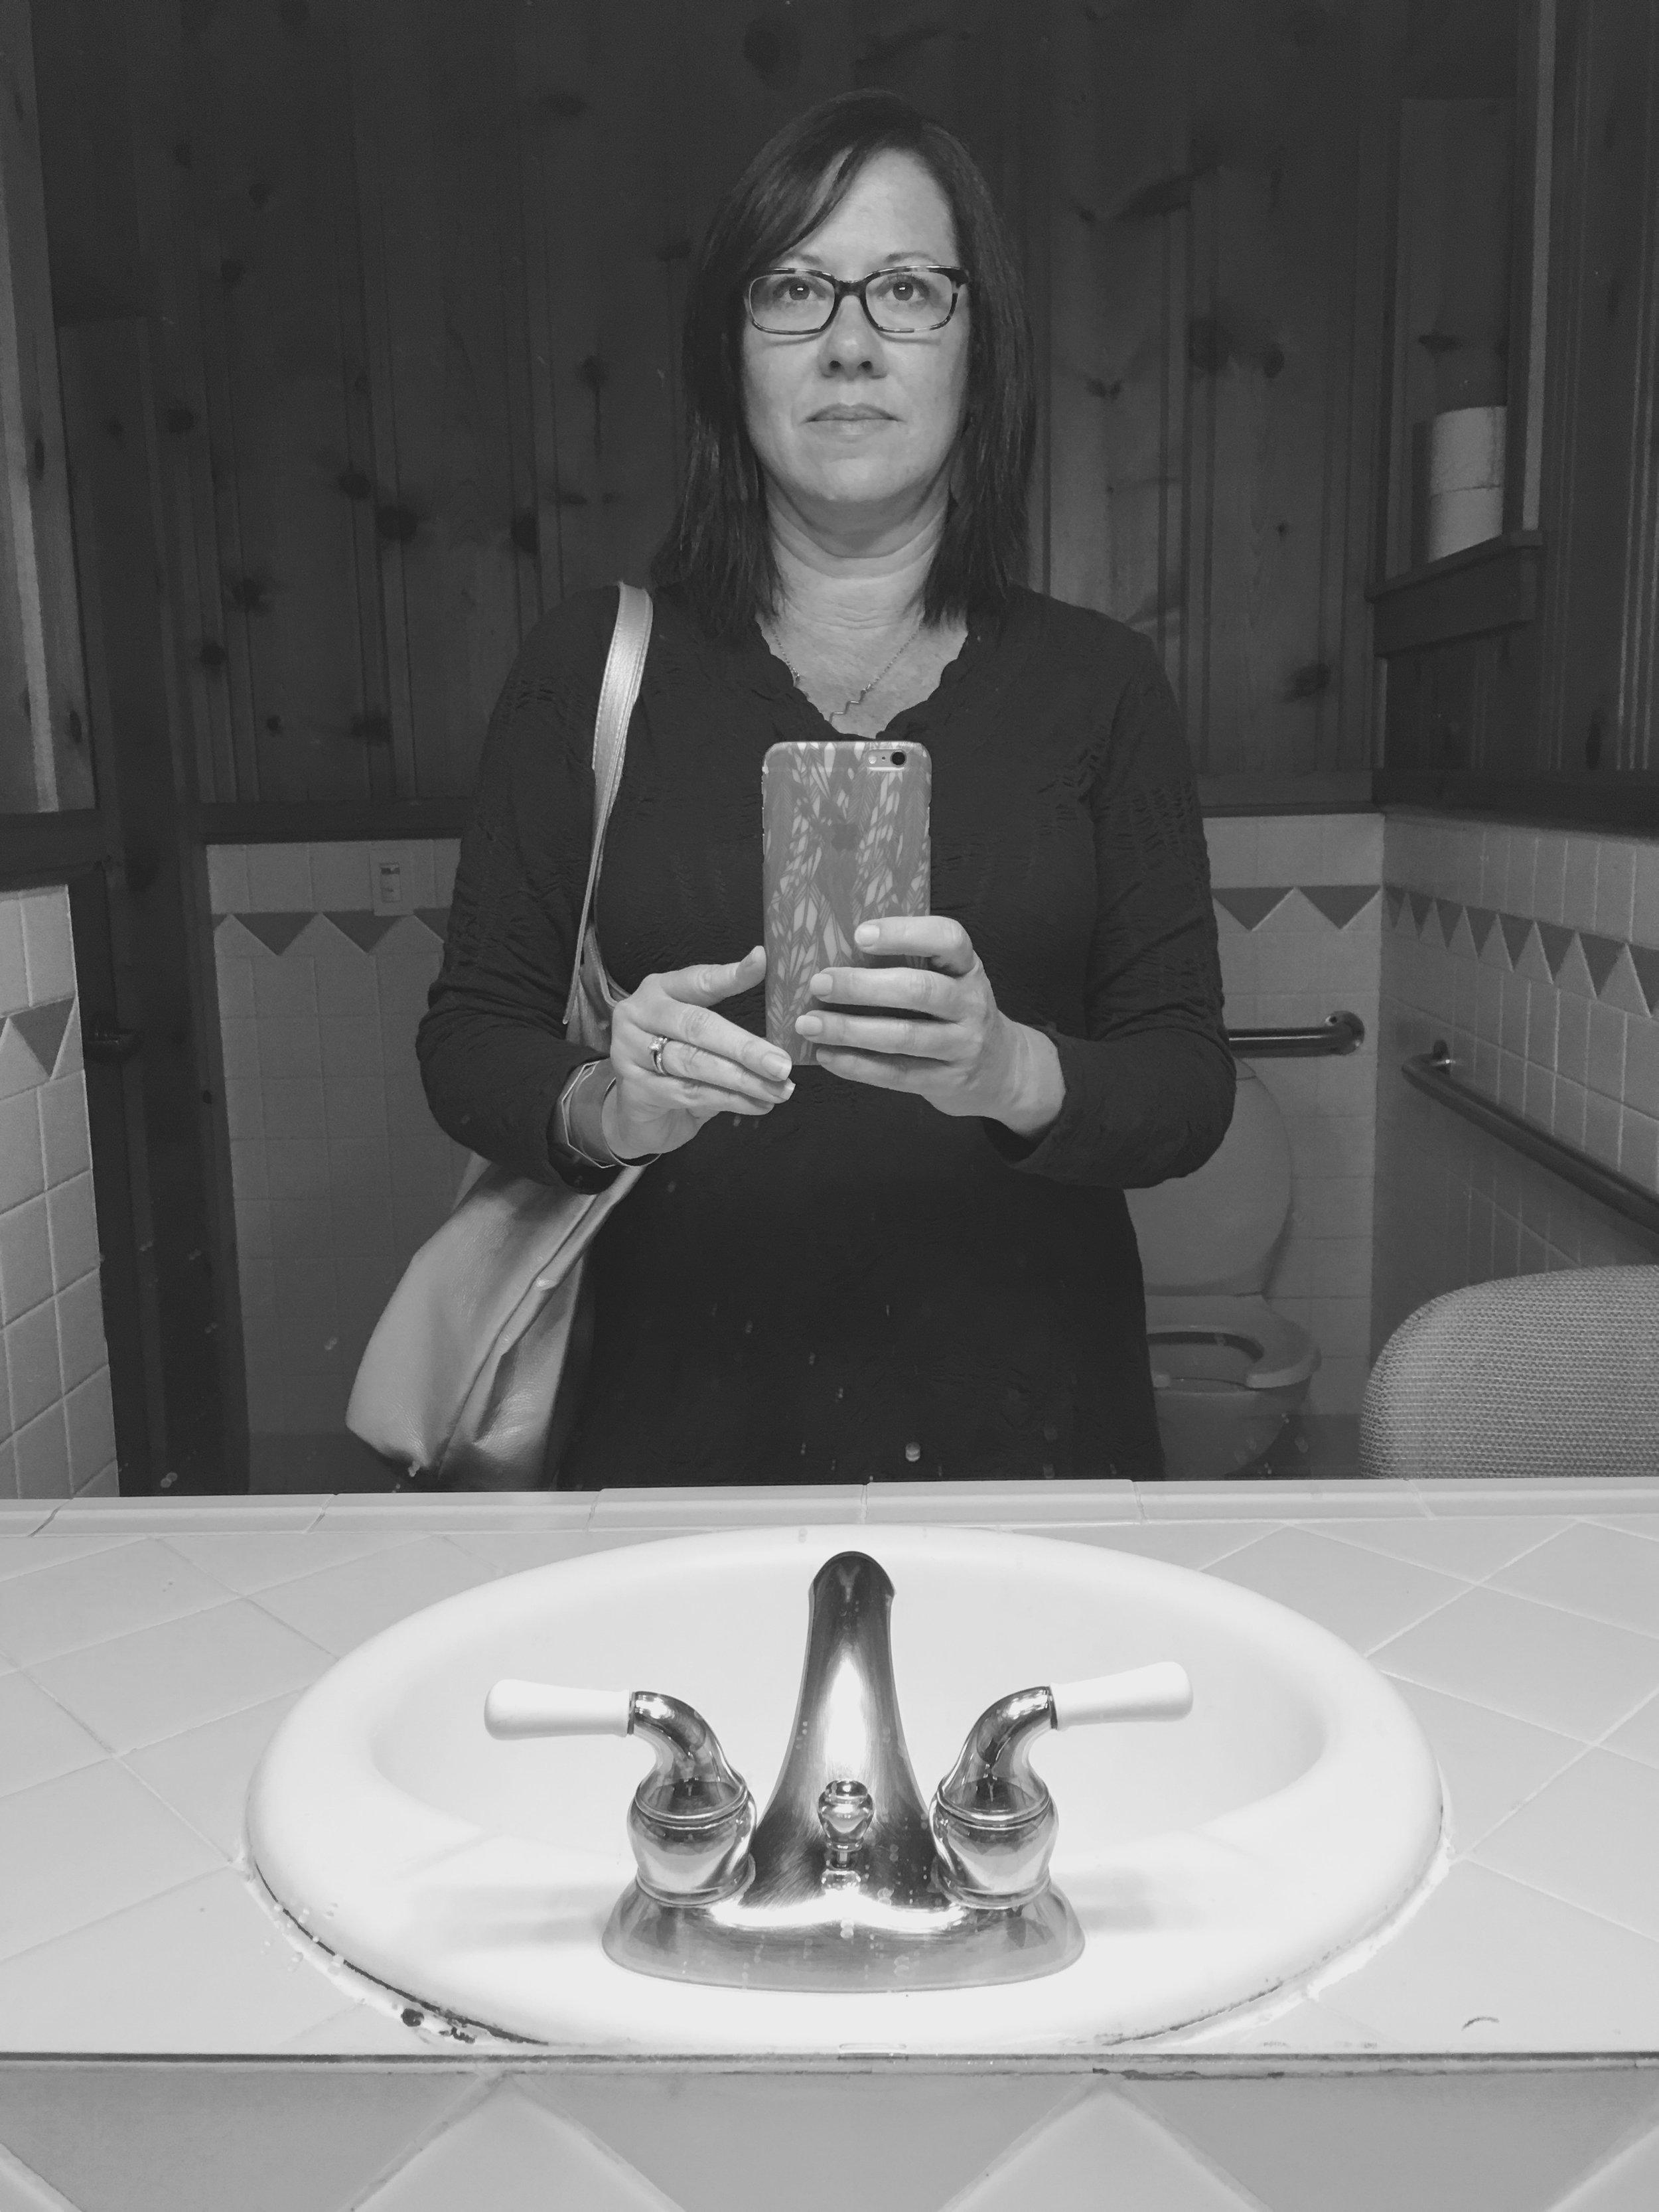 Bathroom Selfie :: 2017